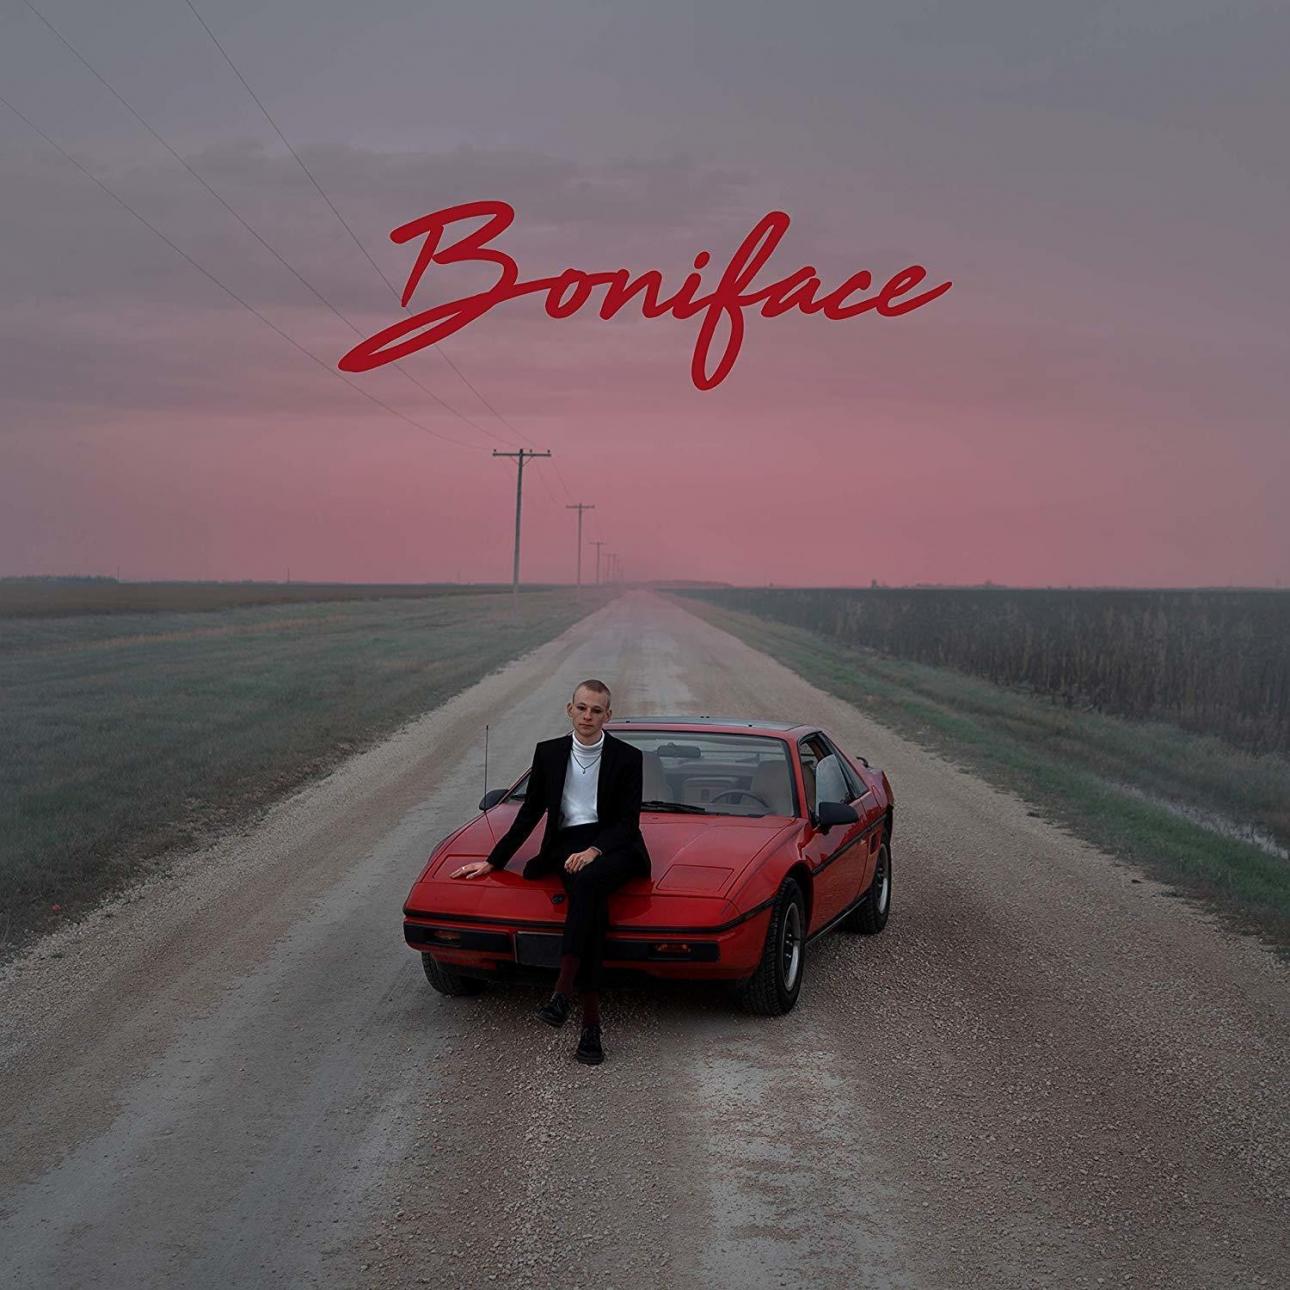 Boniface - Boniface | Album Review